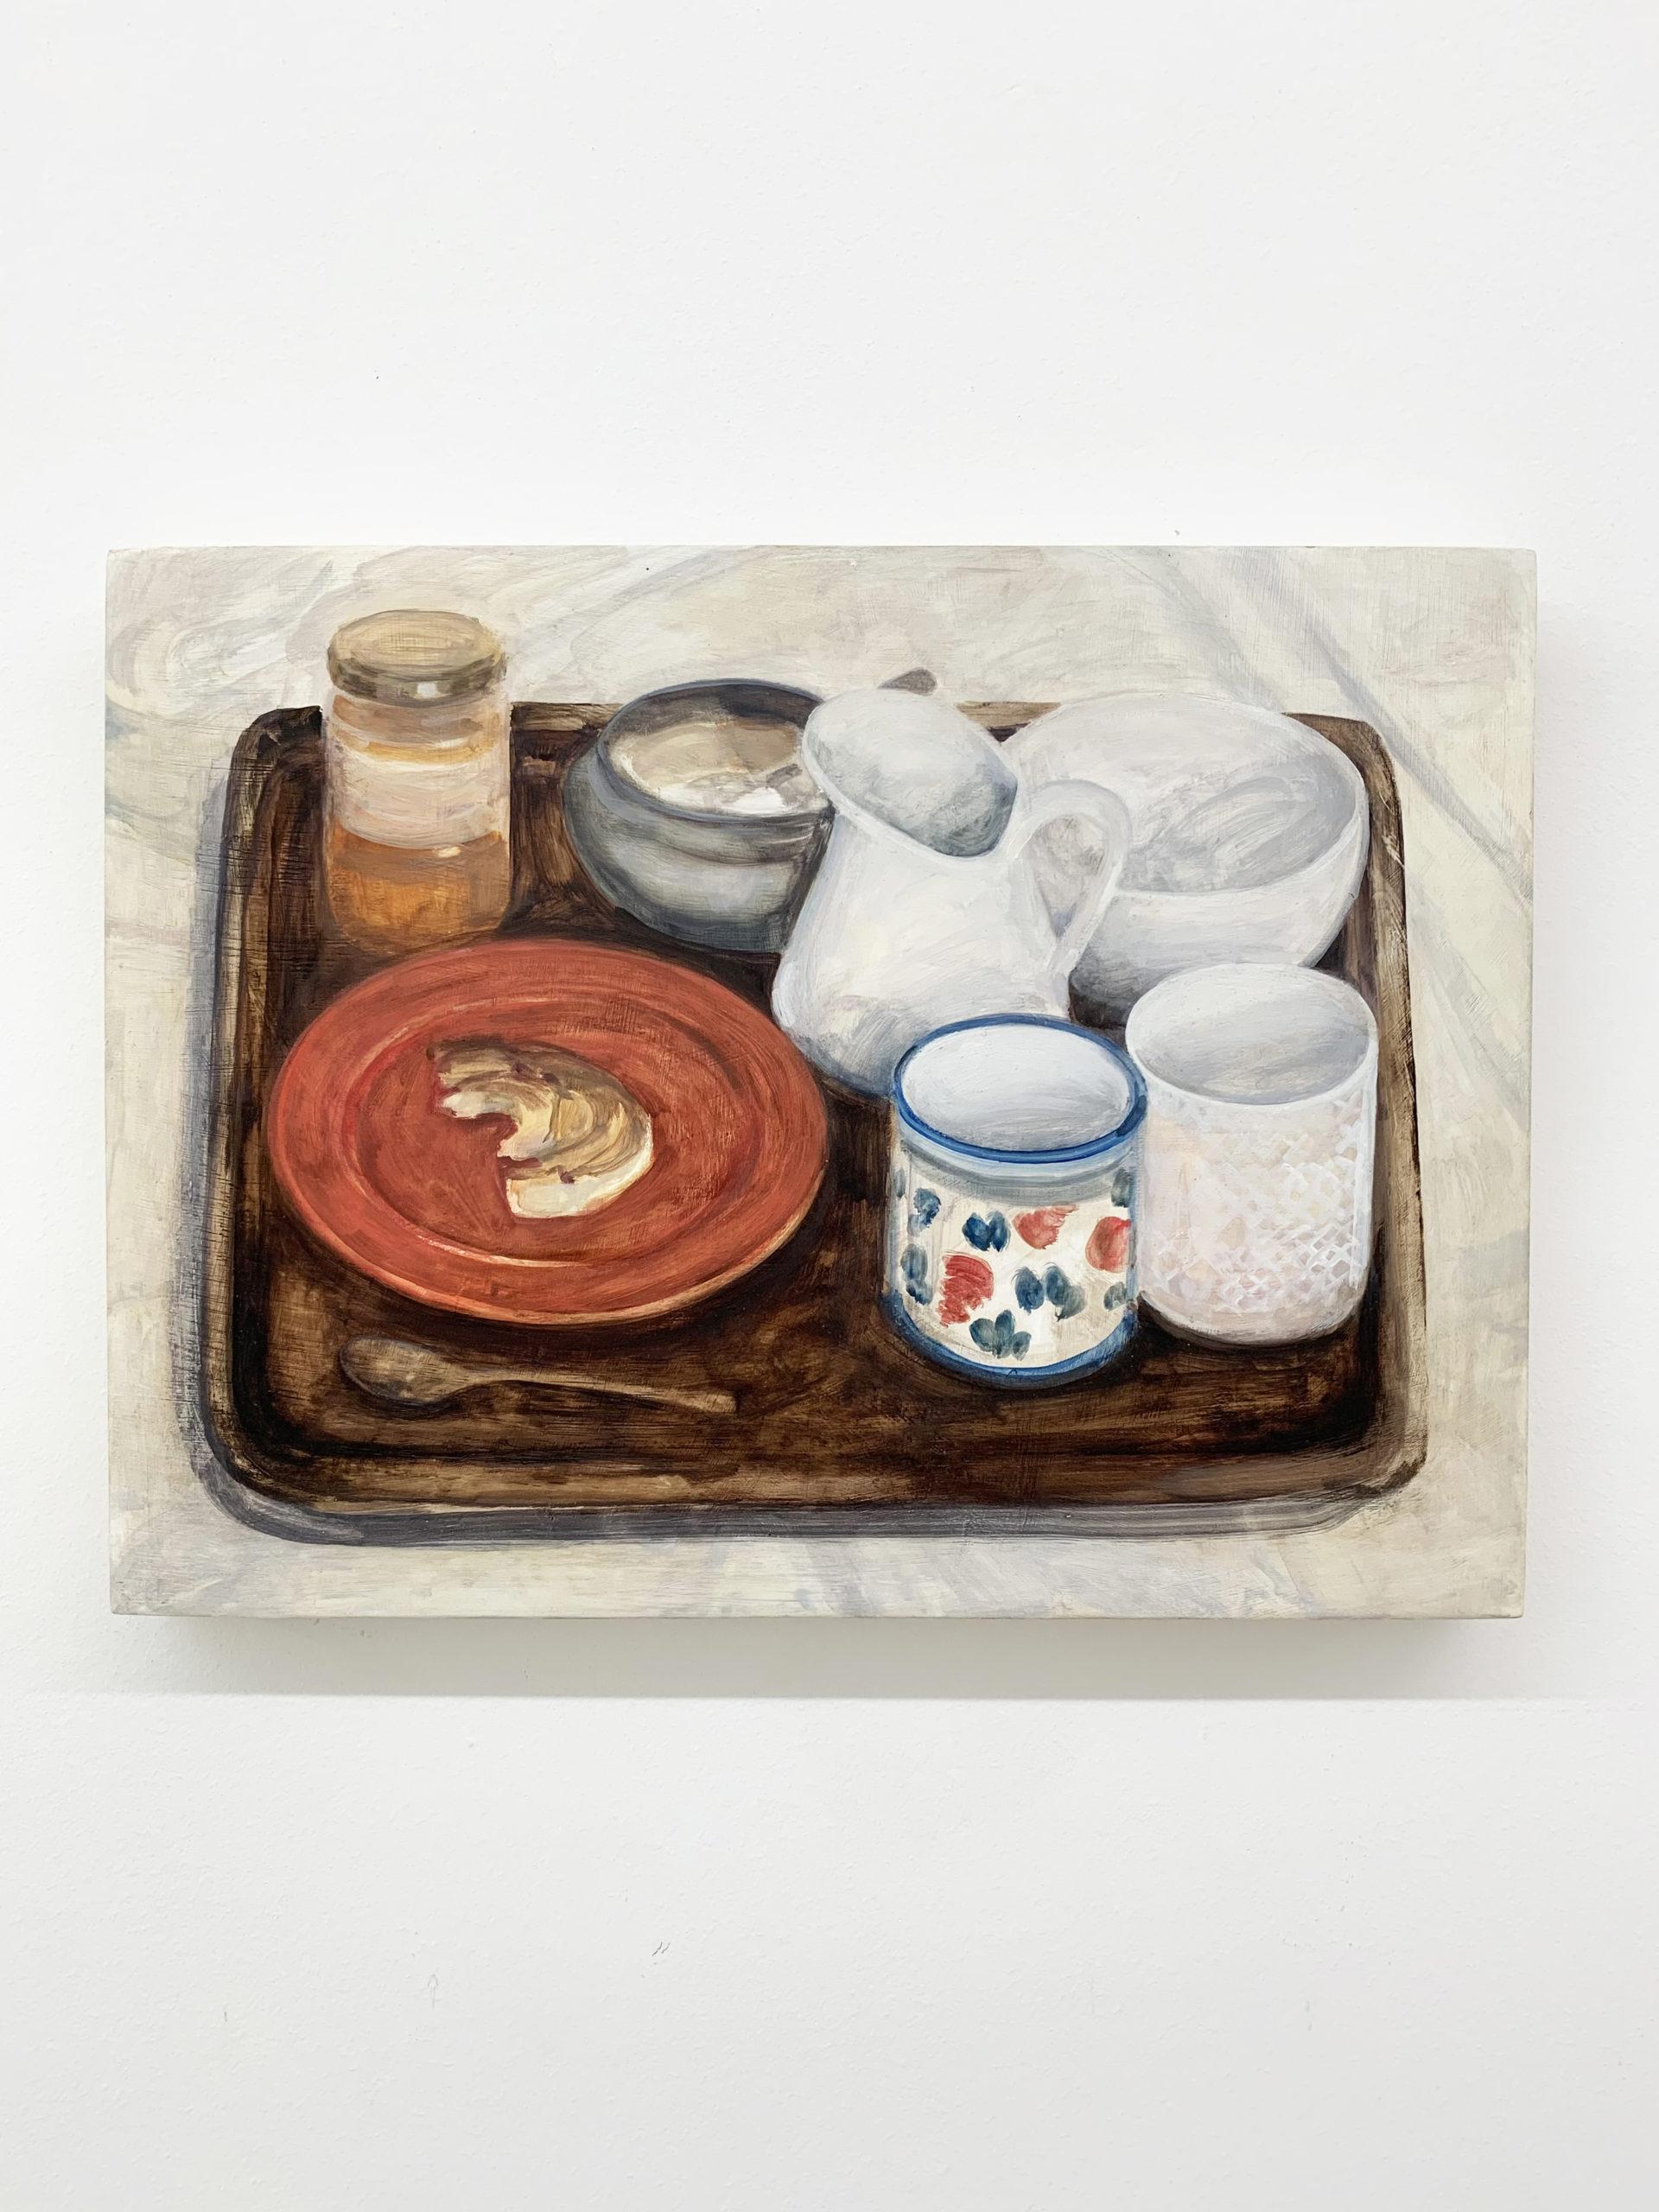 Nathanaëlle Herbelin, Boker, 2019, 30x40cm, huile sur bois